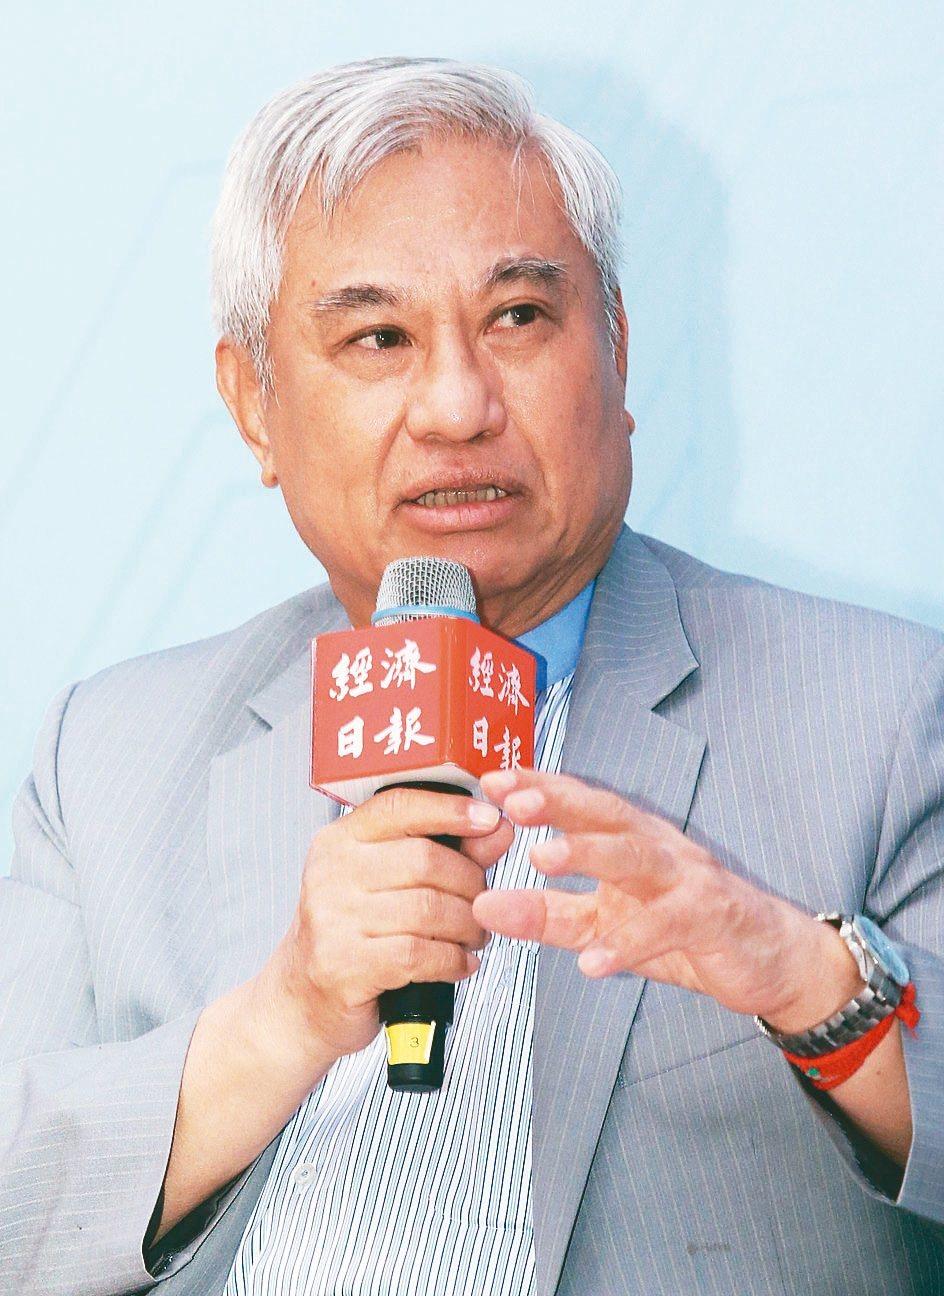 穩懋半導體董事長陳進財。 圖/聯合報系資料照片